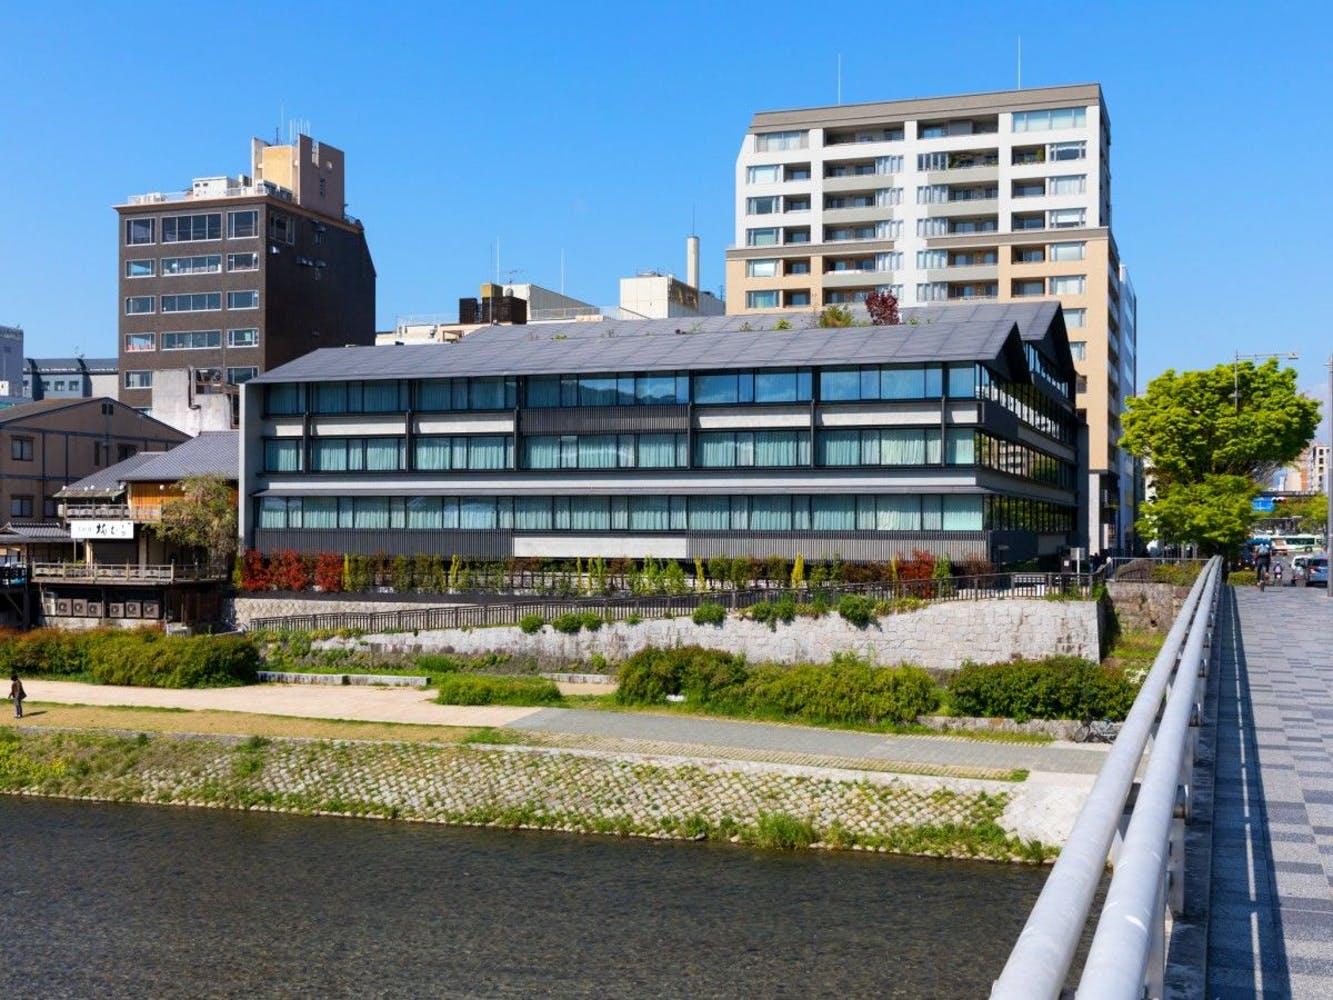 ソラリア西鉄ホテル京都プレミア 三条鴨川 写真1